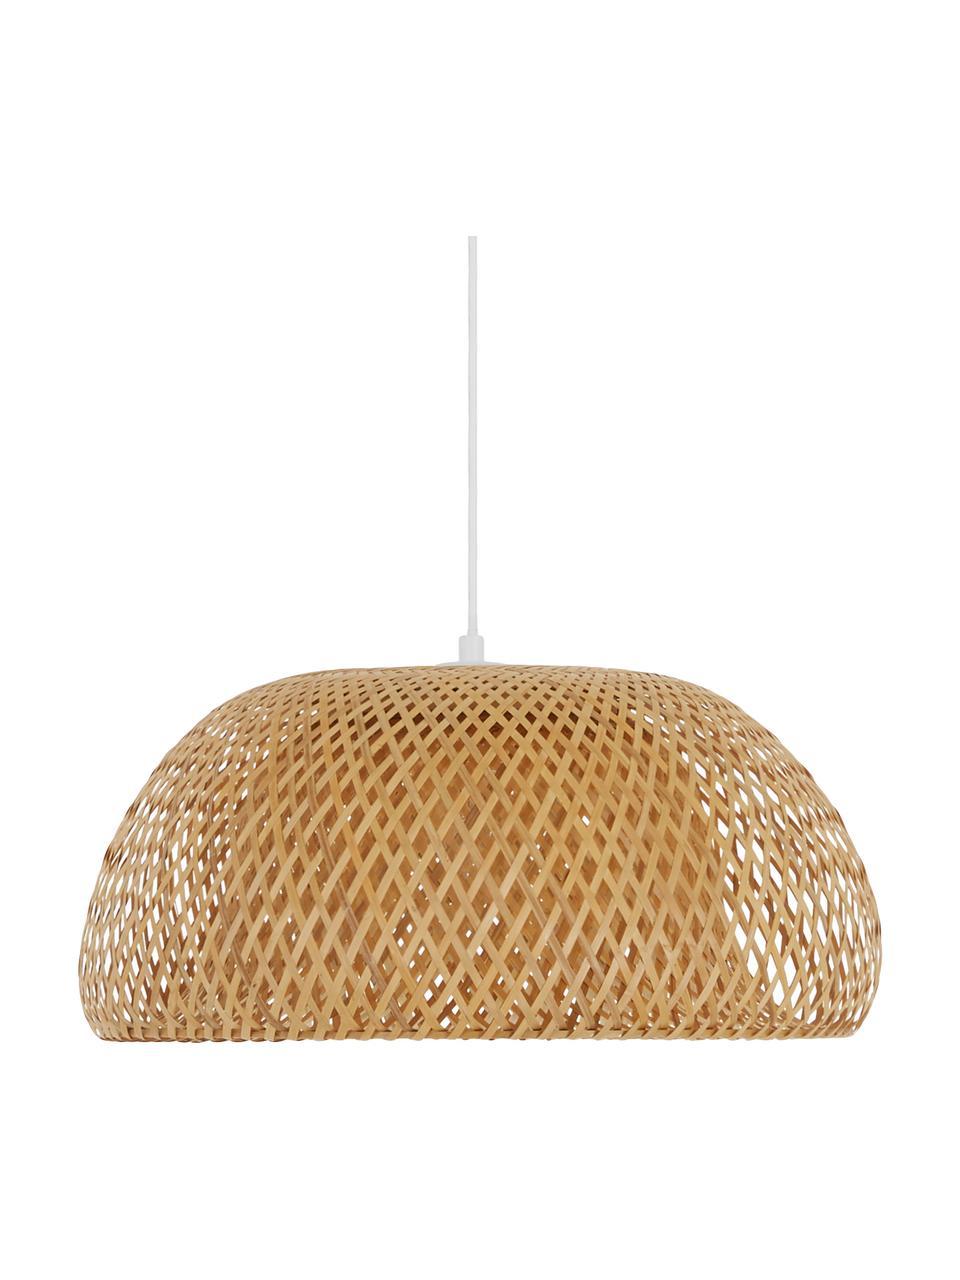 Lampa wisząca z drewna bambusowego Eden, Drewno bambusowe, Ø 55 cm x W 27 cm